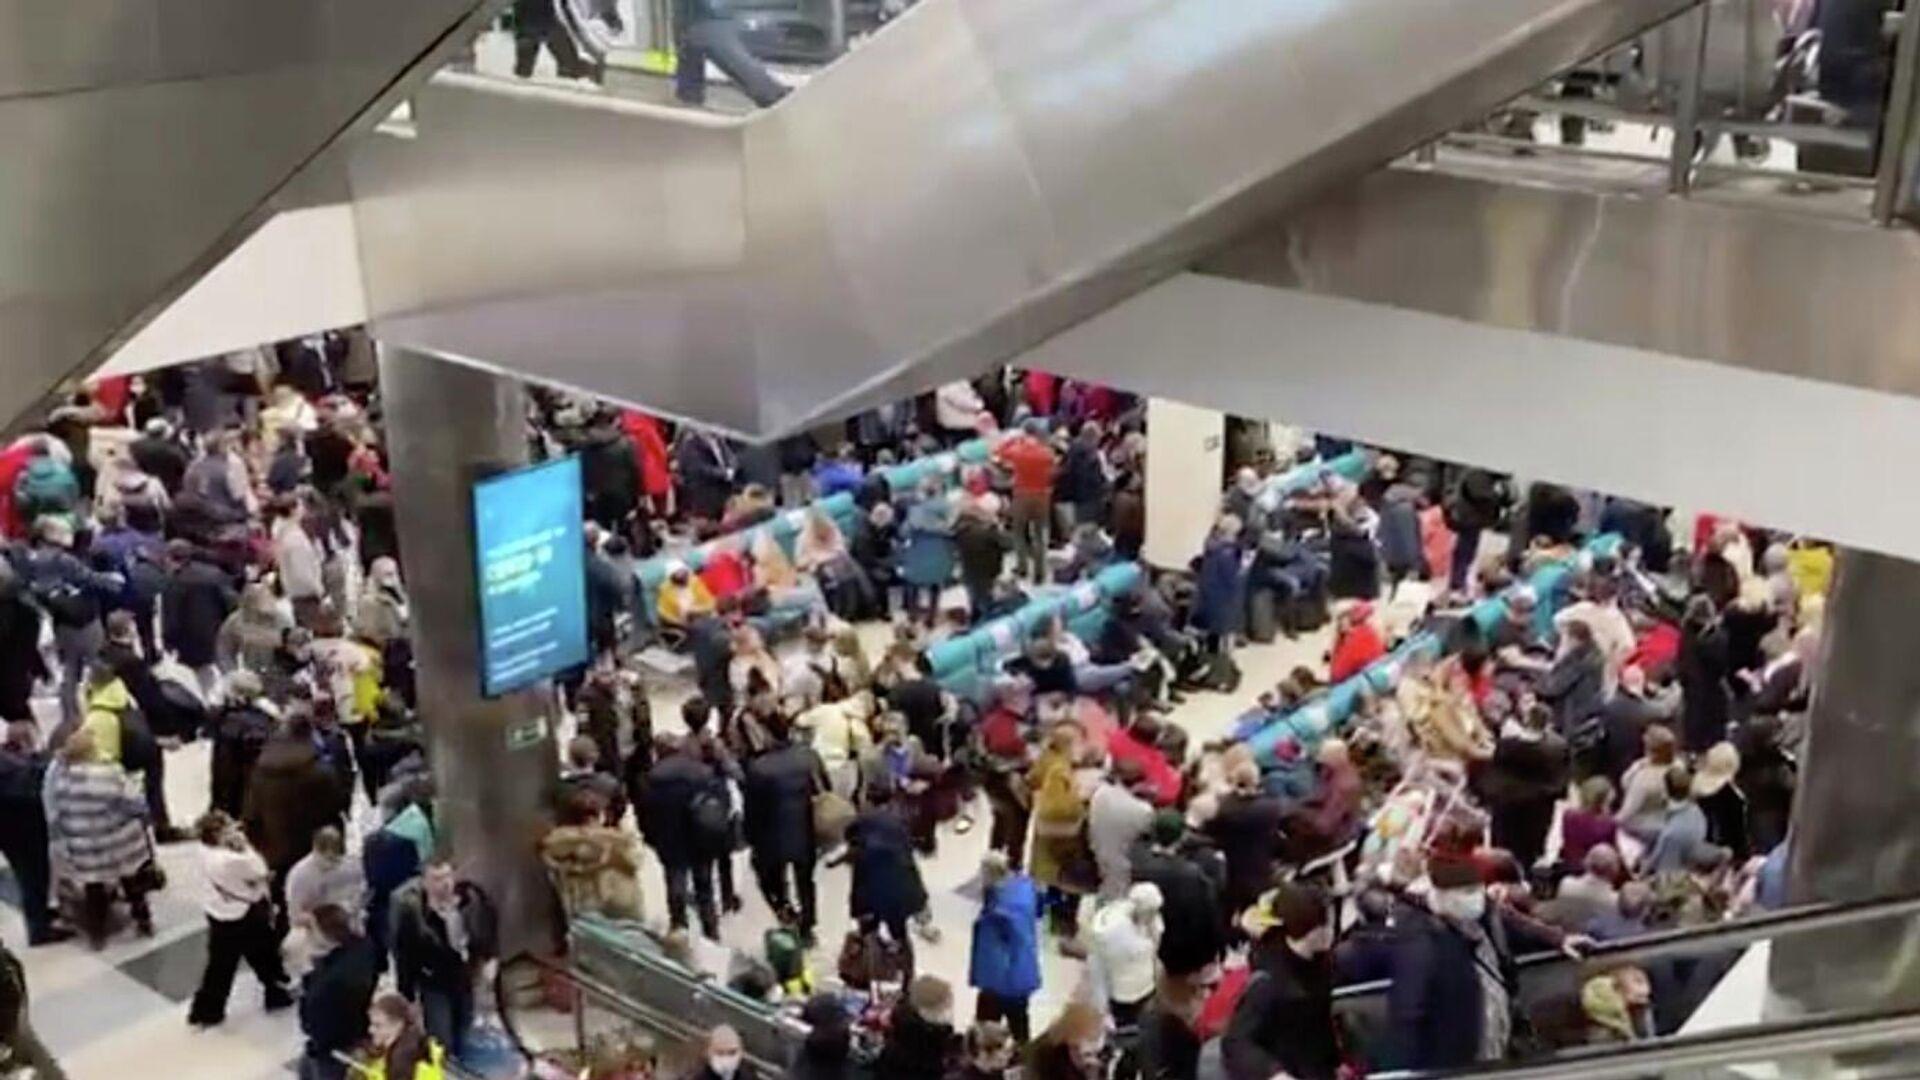 В аэропорту Домодедово скопилось большое число пассажиров, которые не могут улететь из-за сильного снегопада в московском регионе - РИА Новости, 1920, 13.02.2021